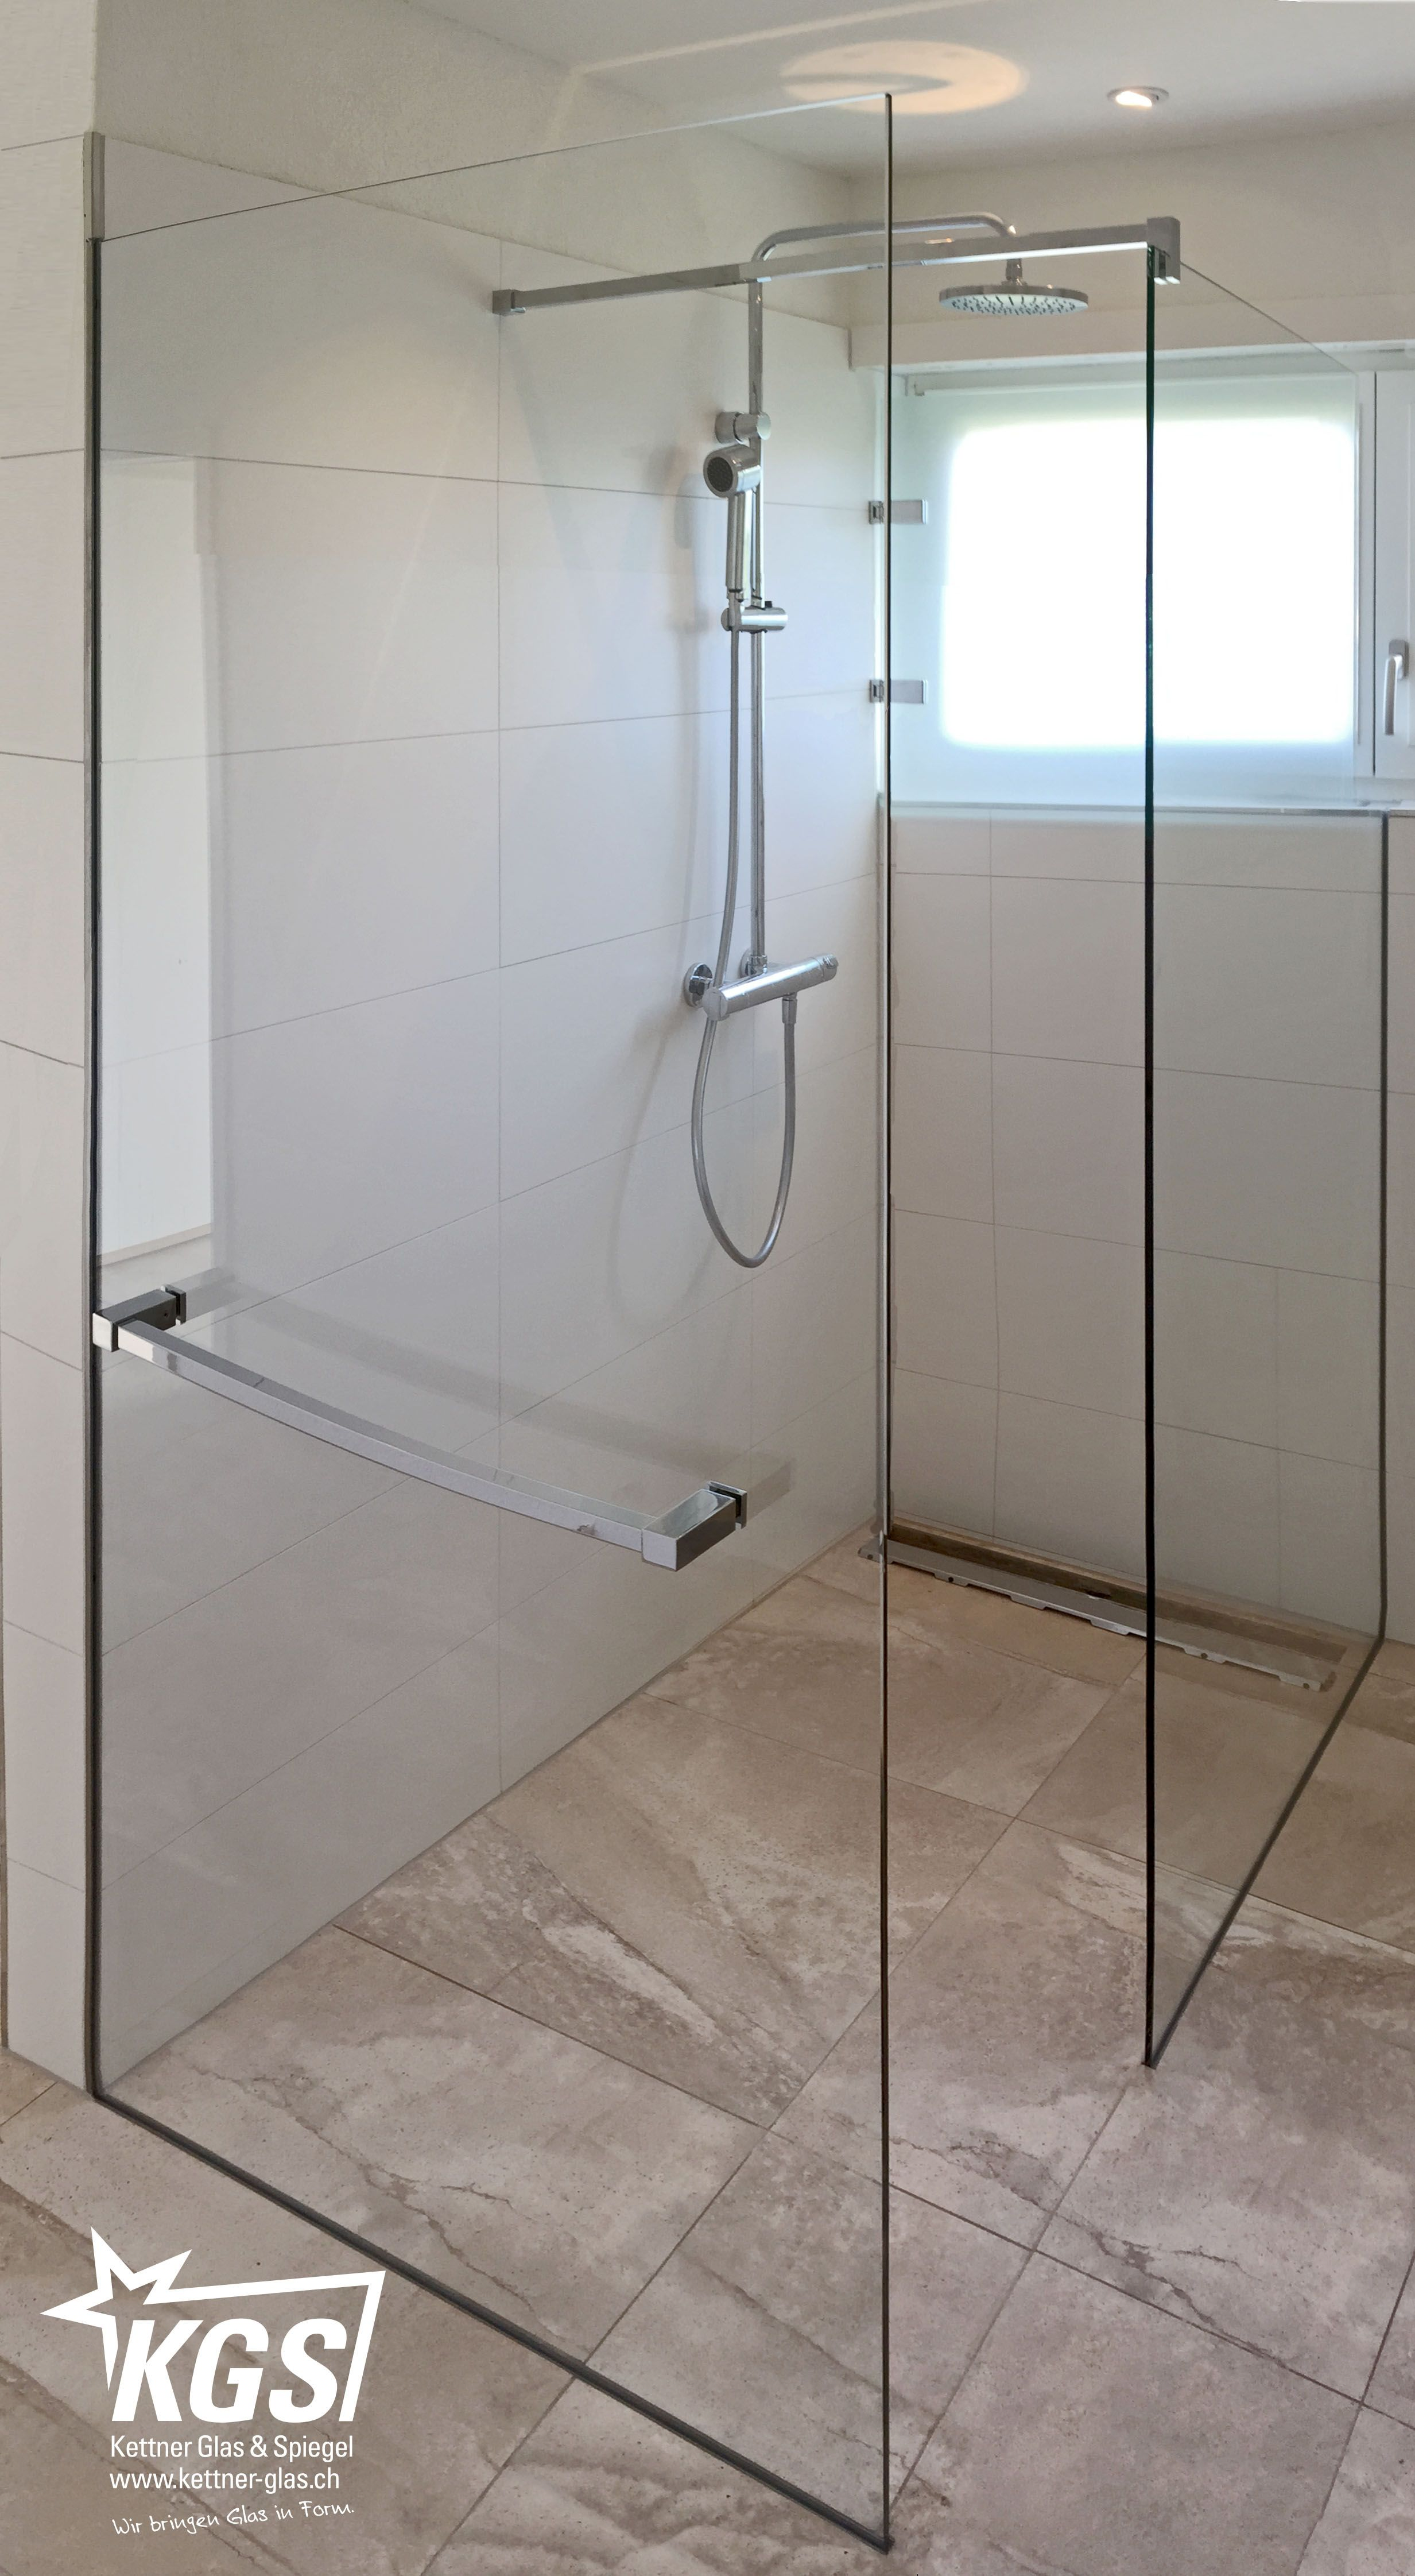 Walkin Dusche Mit Handtuchhalter Von Ihrer Glaserei Eine Walk In Losung Ist Fur Alle Duschfans Ein Besonderes Erlebn Dusche Moderne Dusche Walk In Dusche